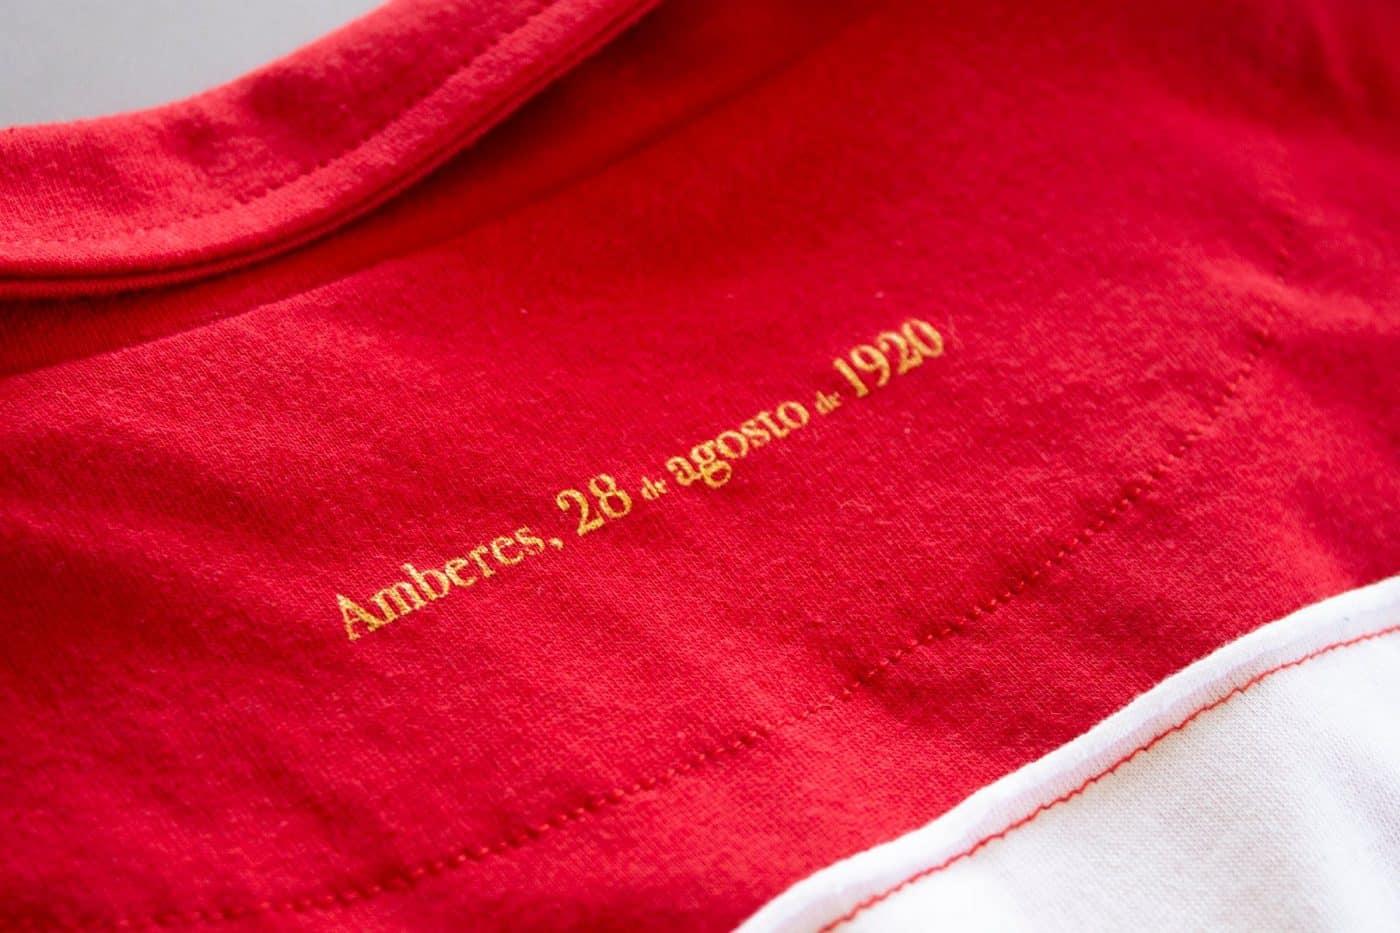 maillot-espagne-centenaire-edition-limitee-3